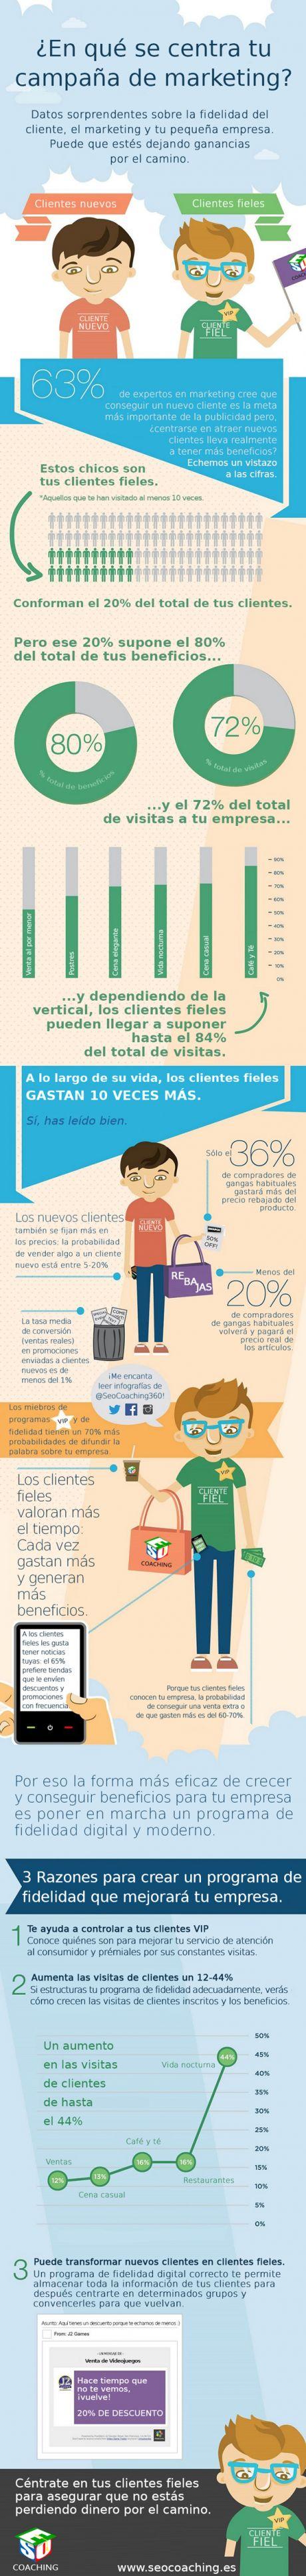 ¿Qué es más importante para el #marketingonline: los clientes nuevos o los clientes fieles? #infografia